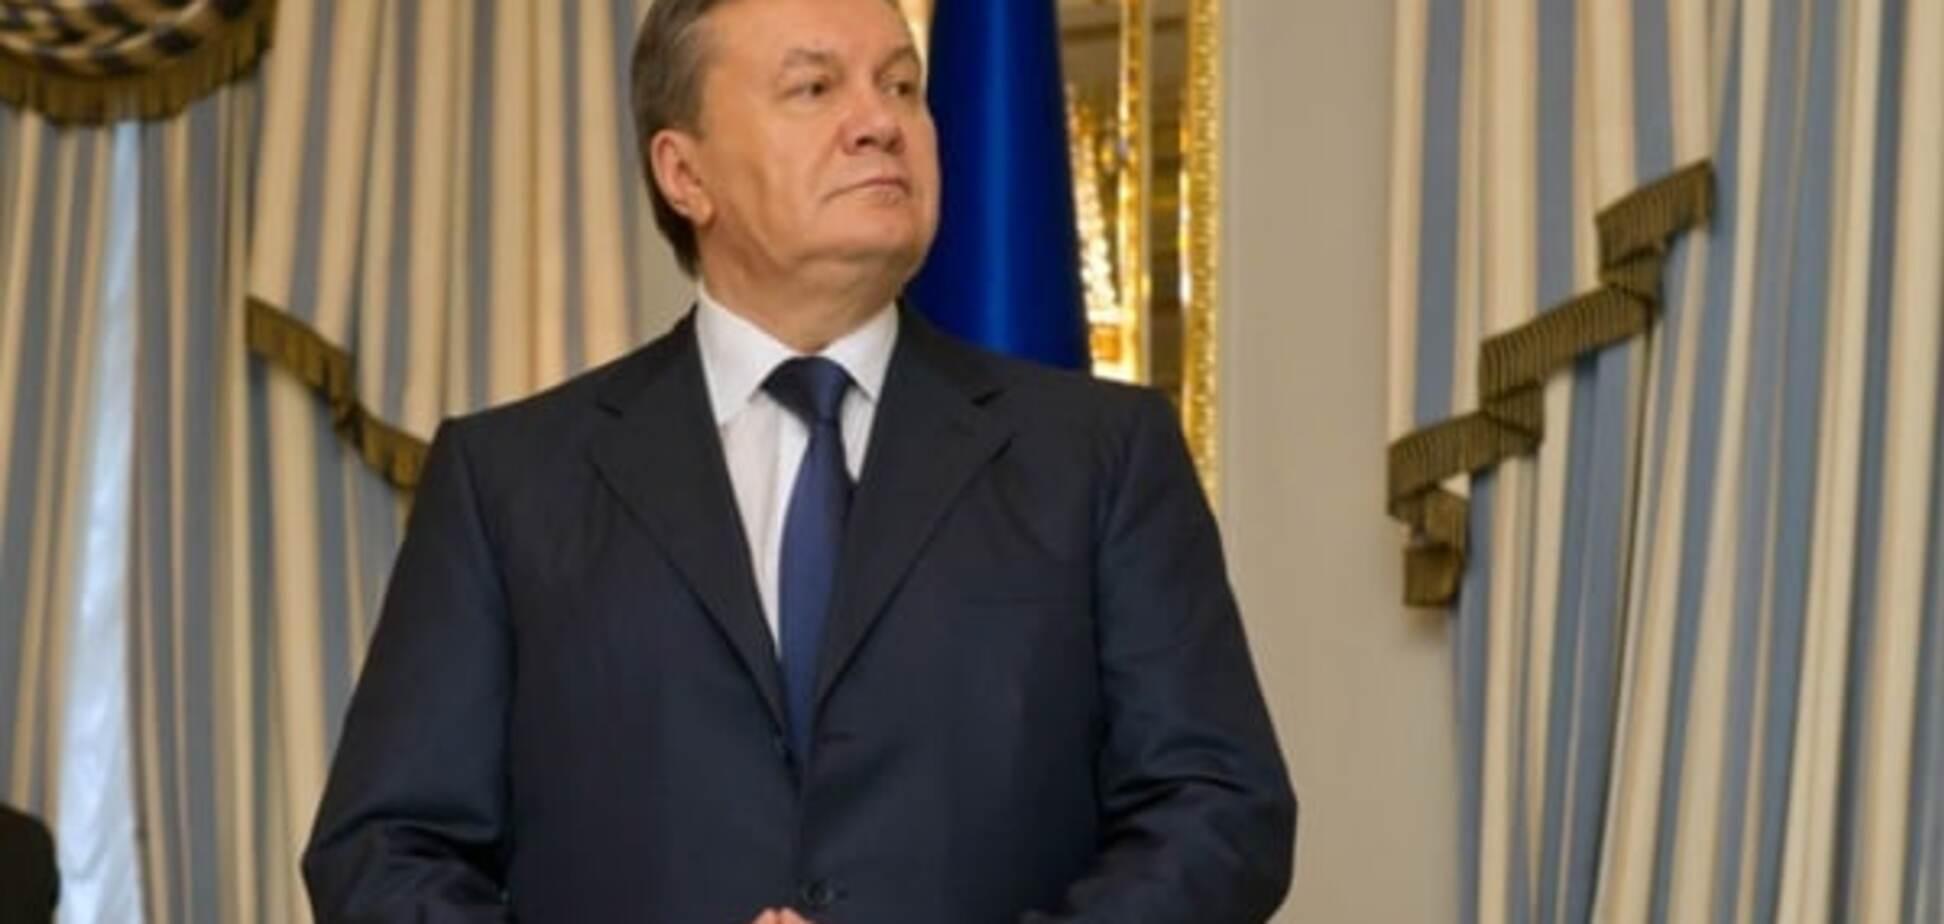 Віктор Янукович, президент, злочини